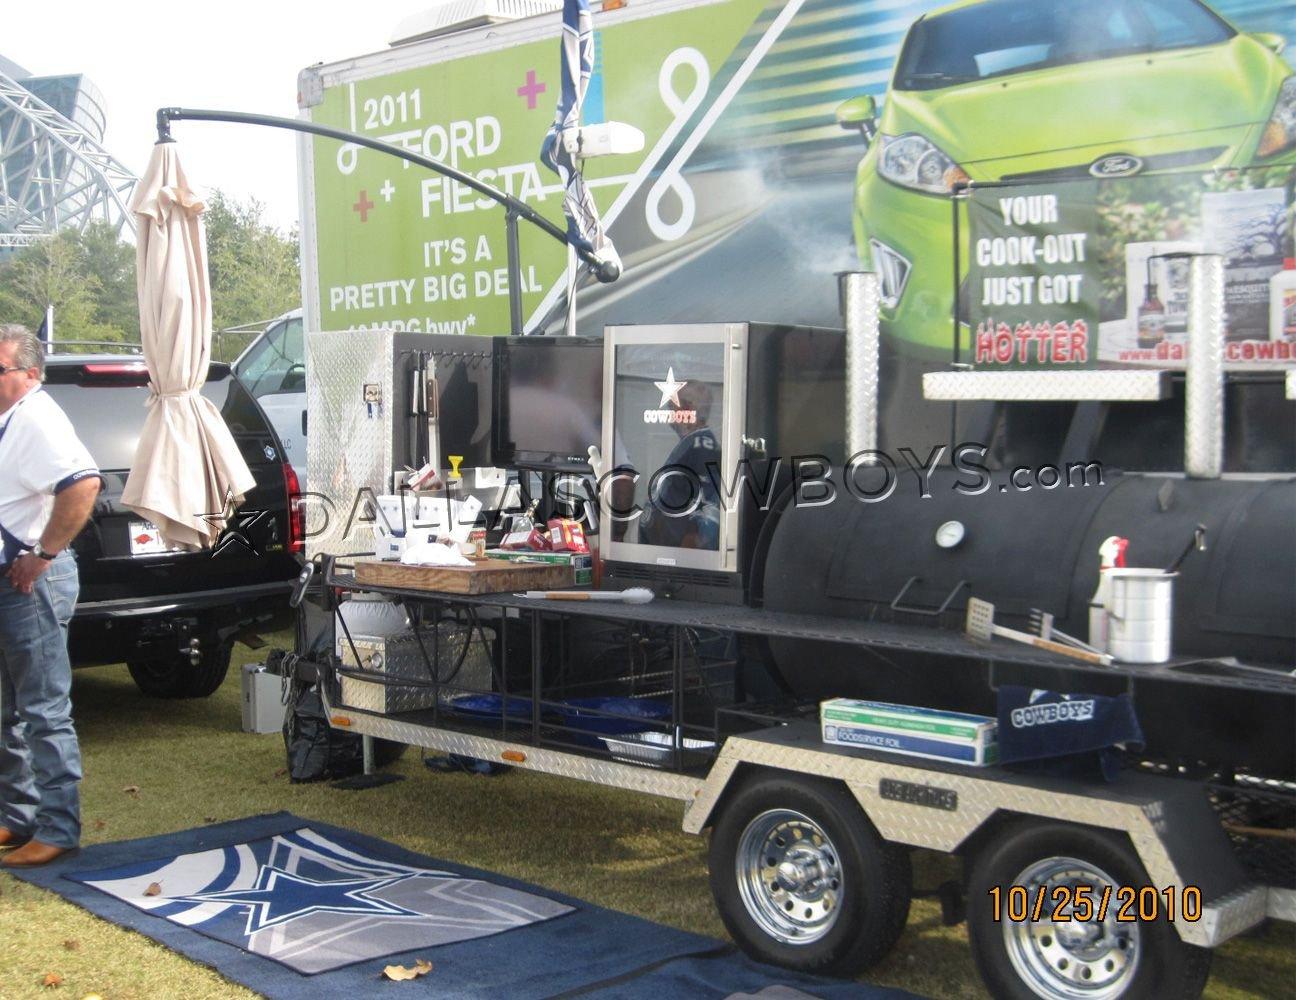 Dallas Cowboy Bedroom Set Luxury Dallas Cowboys Tailgate